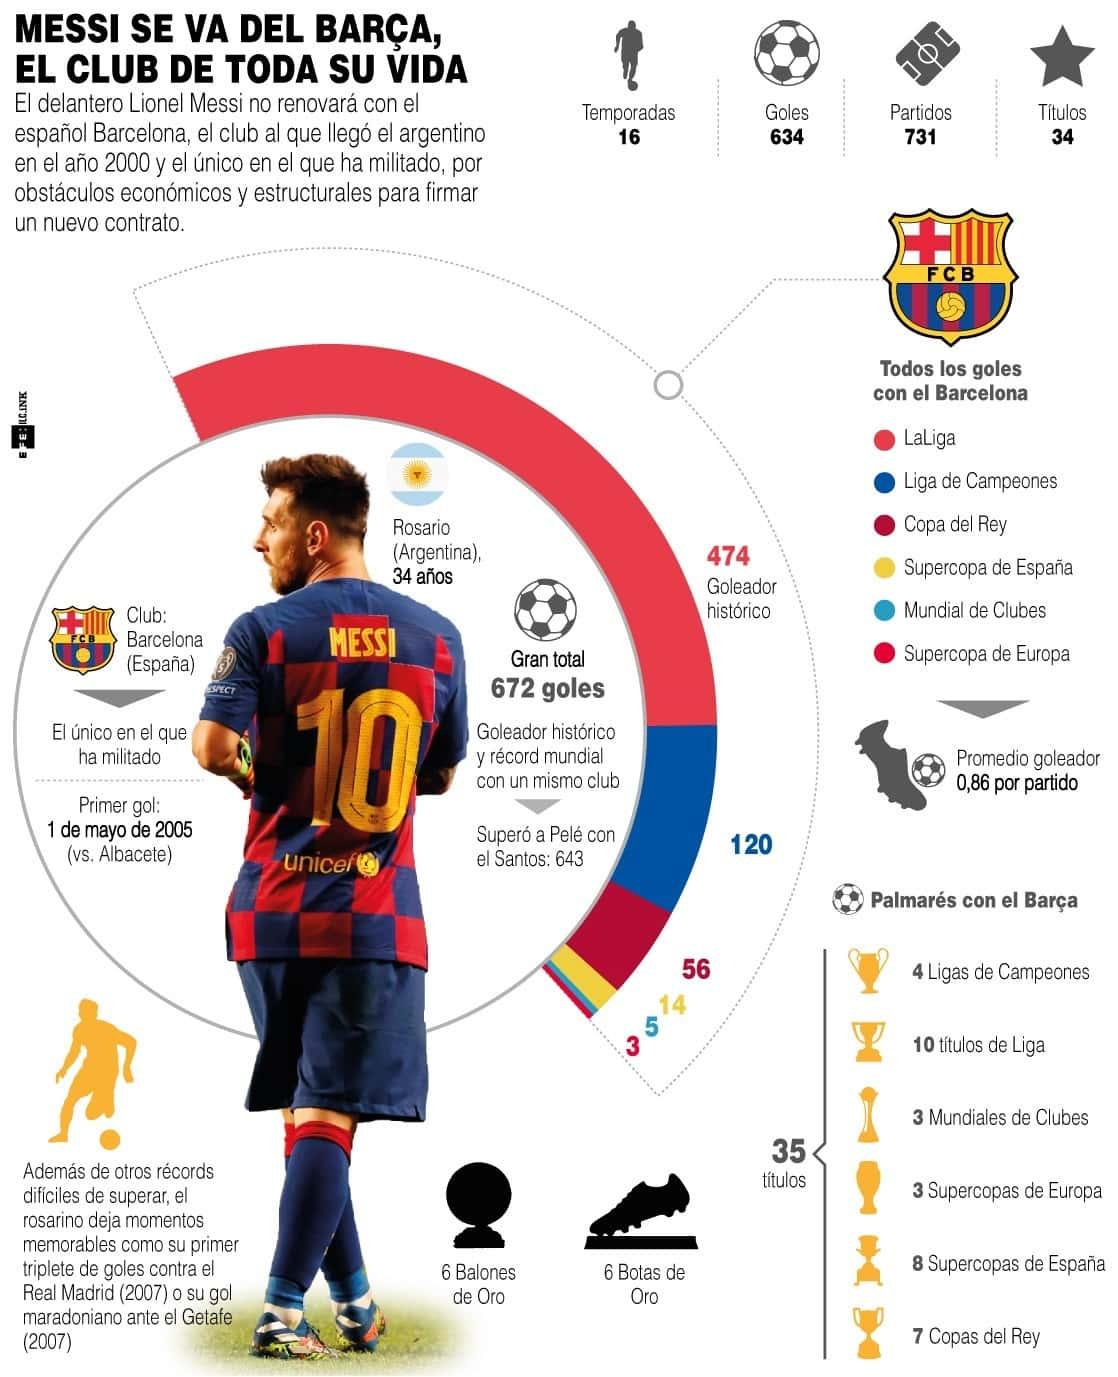 [Infografía] ¿Por qué Messi no seguirá en el Barça? 1